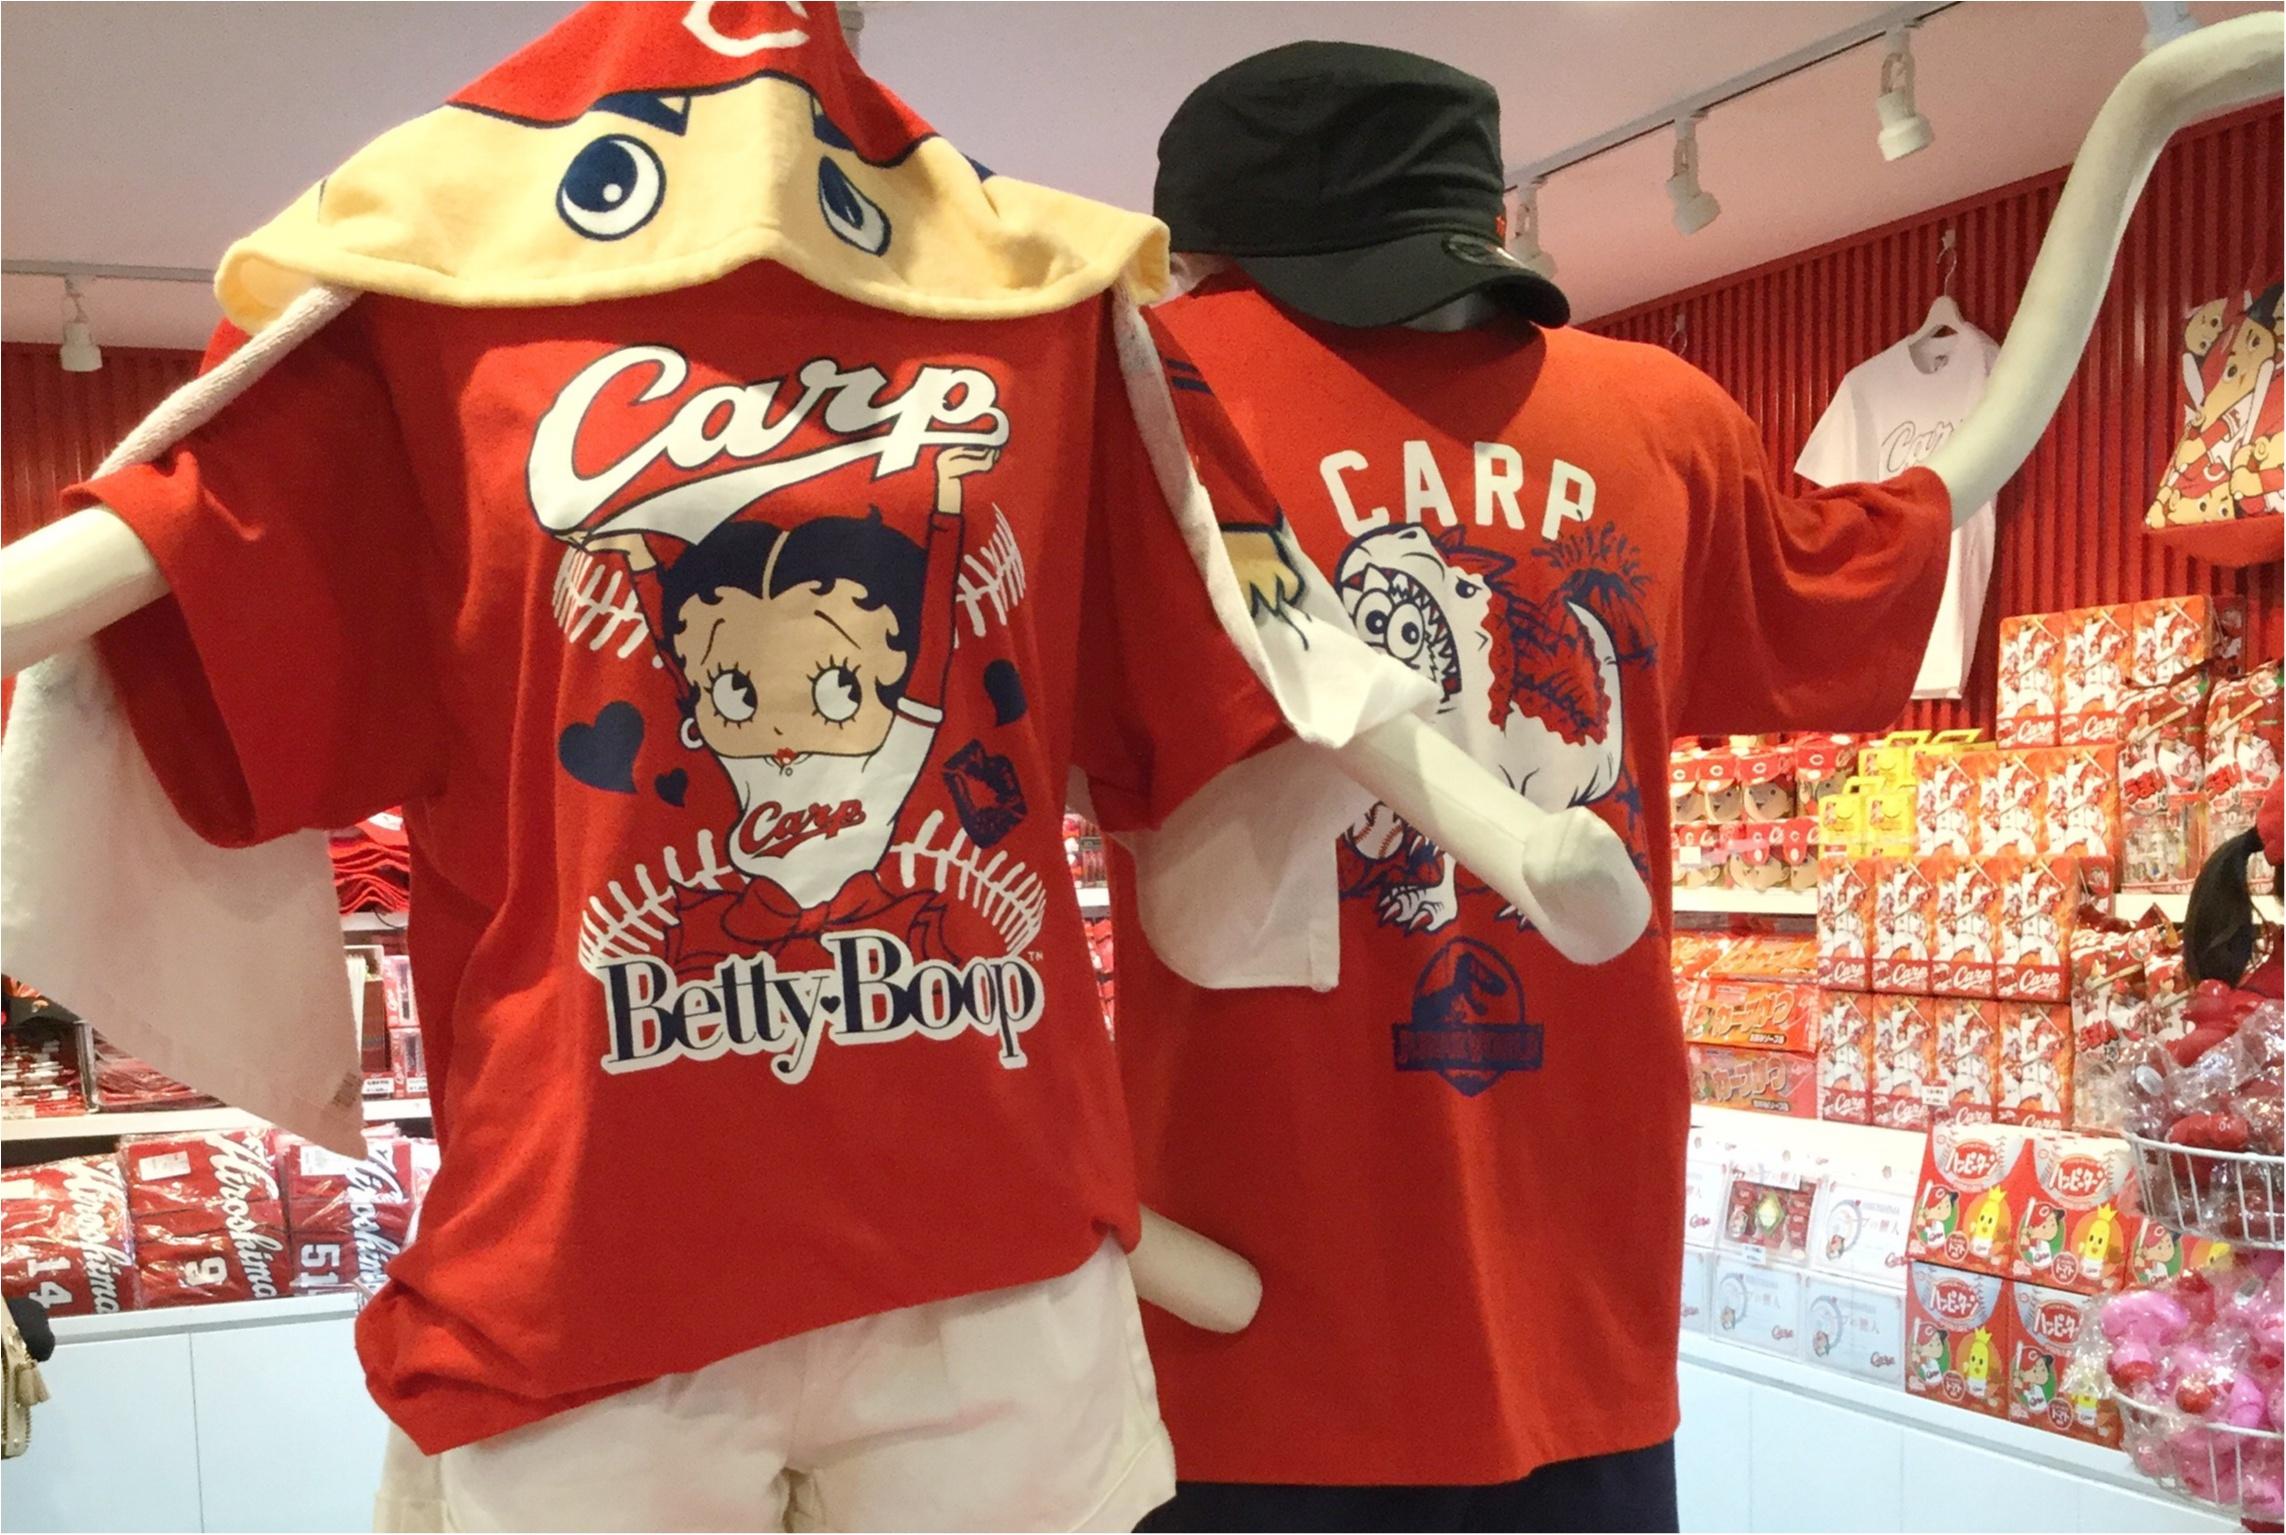 【カープ女子必見】ディズニーとのコラボ商品も新発売!カープをコンセプトとしたカフェバルも併設した《グッズ&カフェバル》としてリニューアルオープン♡_4